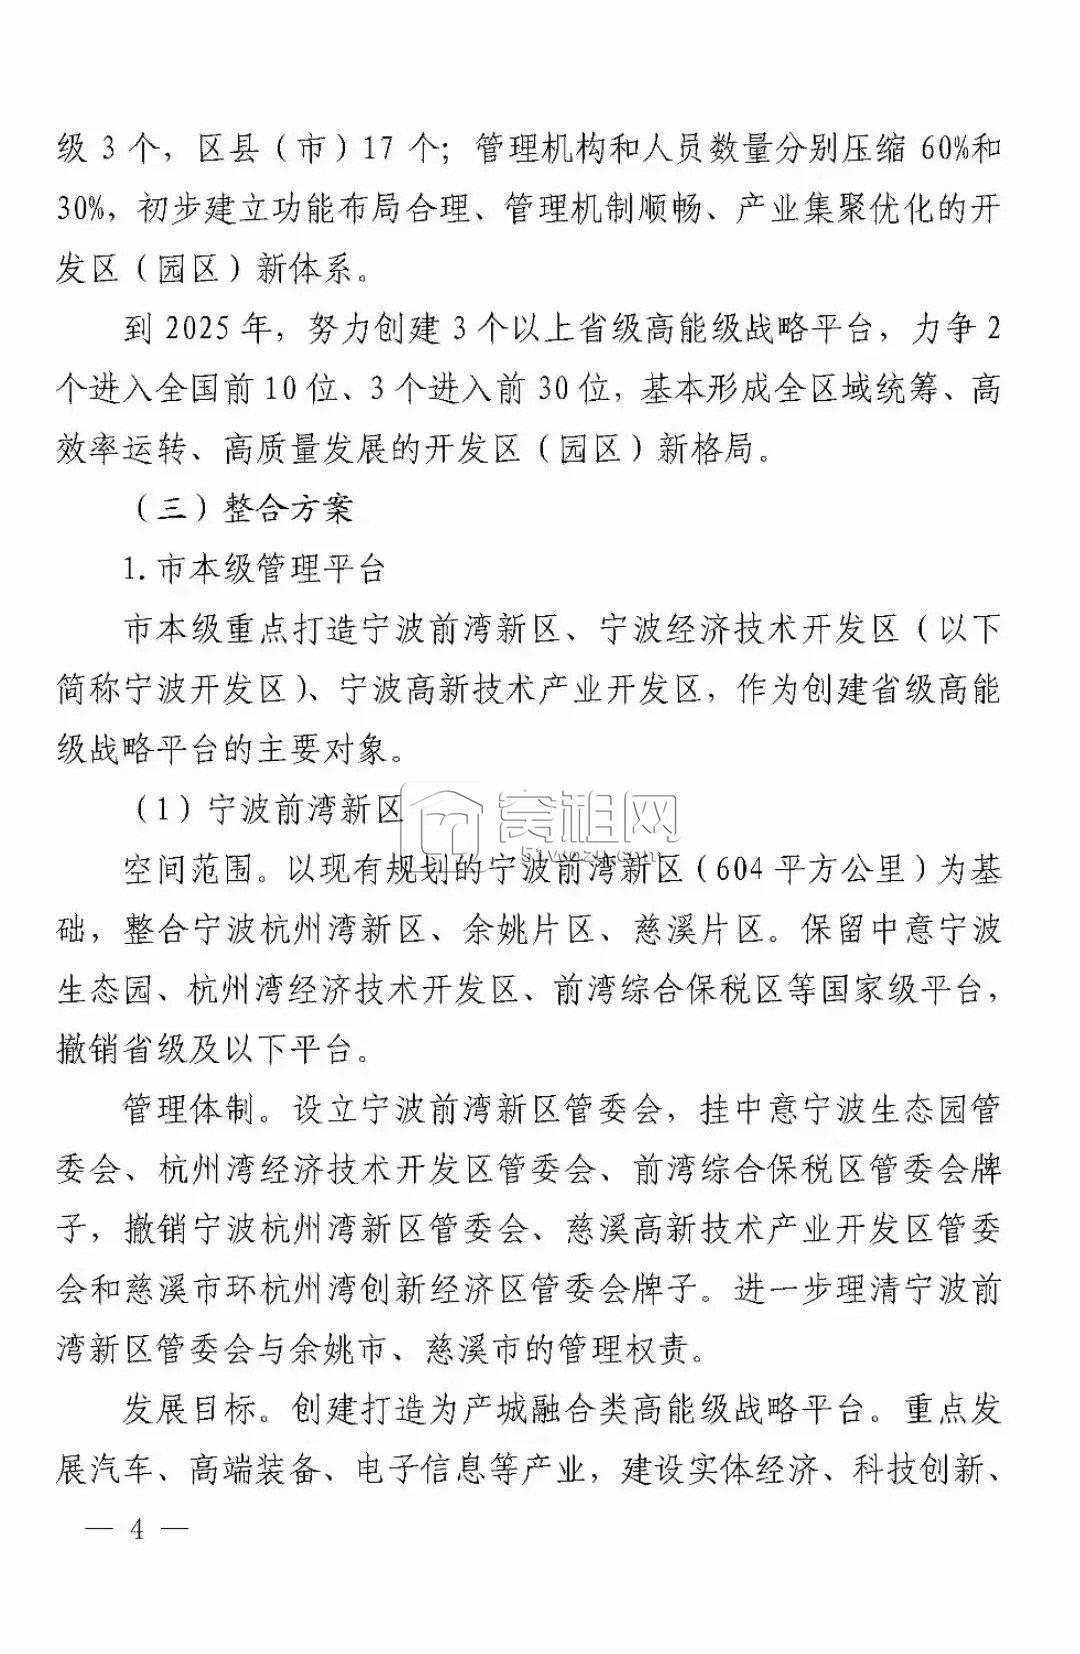 宁波前湾新区管委会即将全面成立